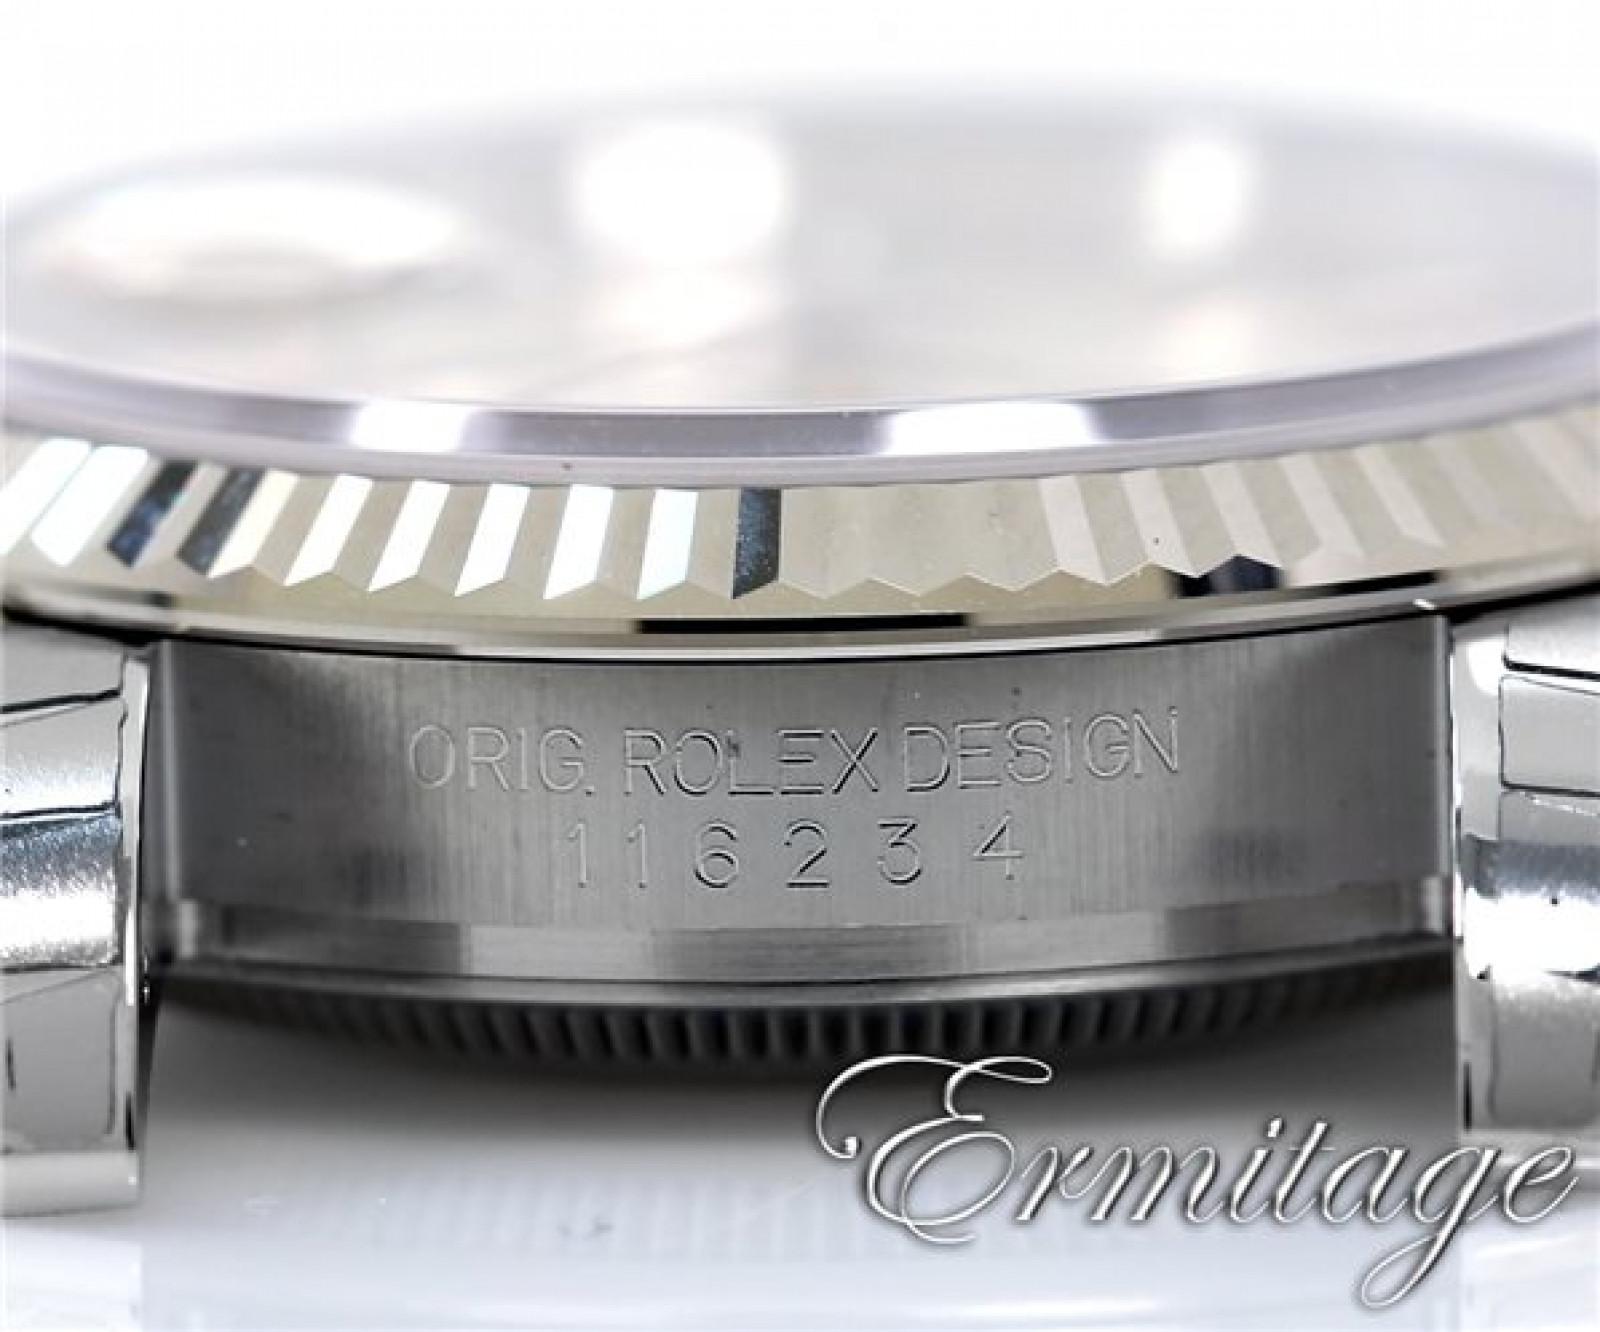 2012 Silver Rolex Datejust Ref. 116234